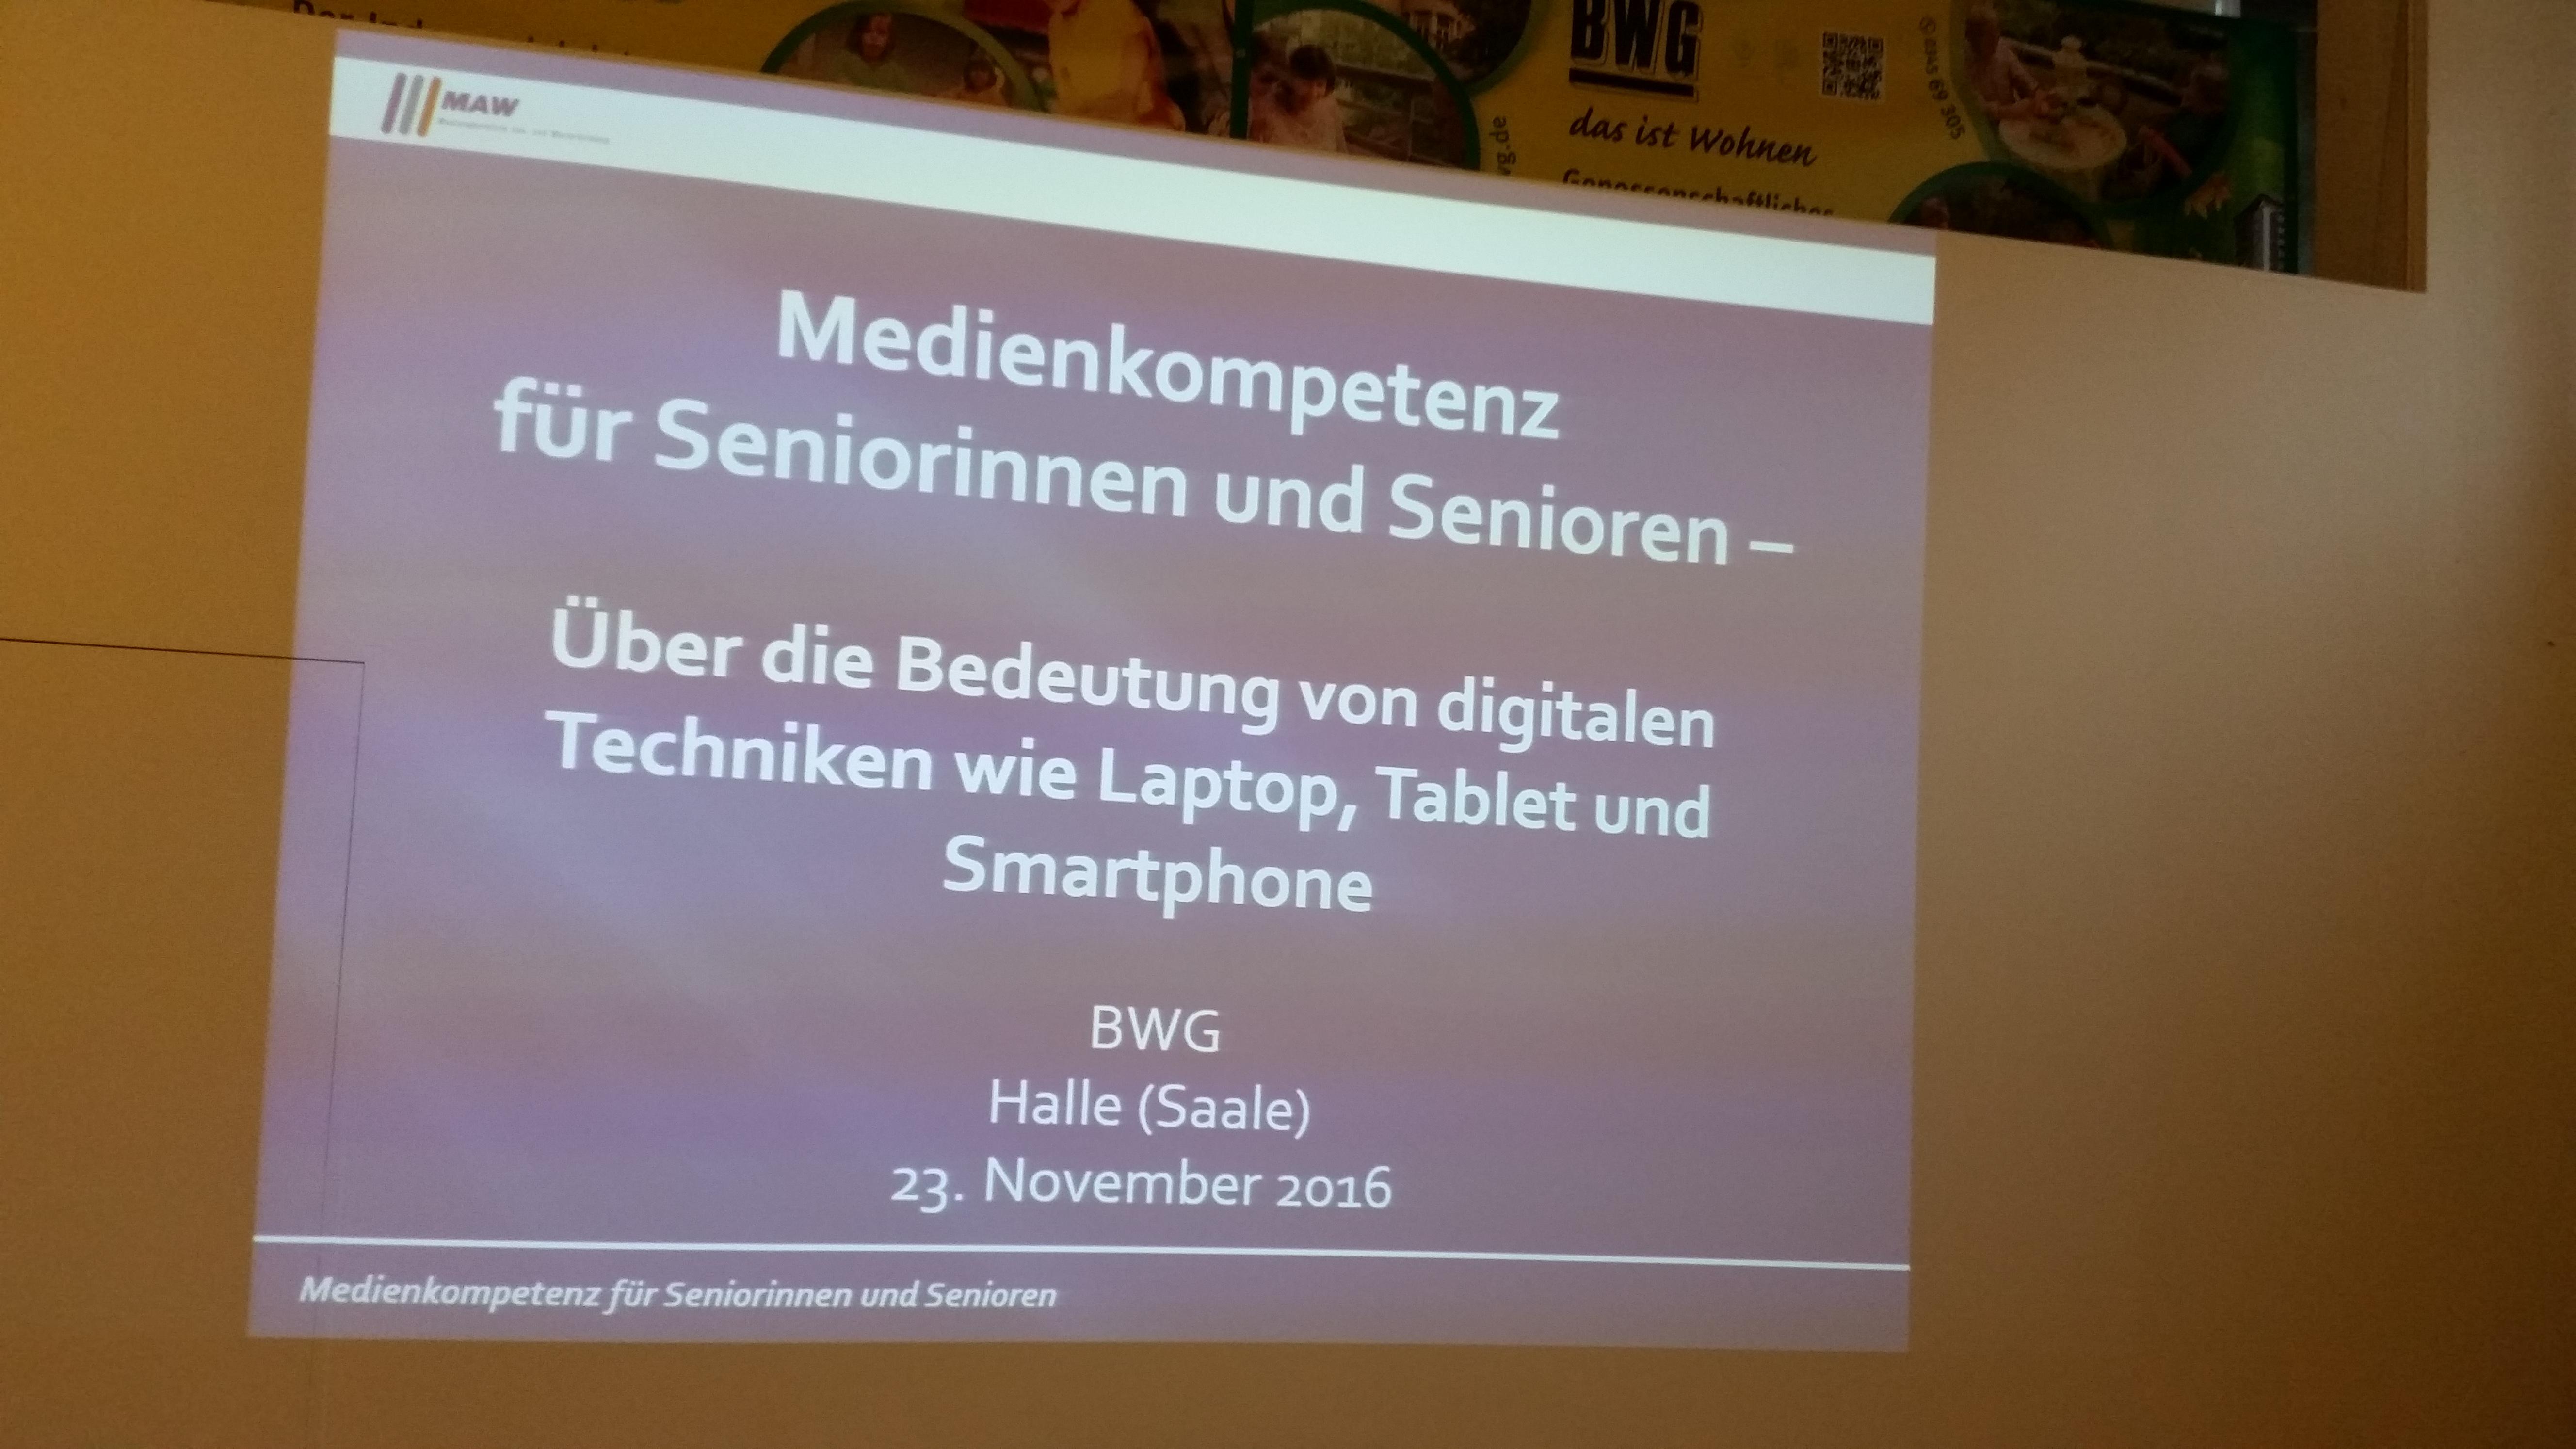 Referat und Workshop über die Bedeutung von digitalen Techniken wie Laptop, Tablet und Smartphone für die aktive Teilnahme am Alltagsleben, verbunden mit kleinen Übungen. In Halle (Saale), im Veranstaltungsraum im Hause BWG am Holzplatz 10 fand am 23. November 2017, von 09:00 Uhr – ca. 11:00 Uhr diese Veranstaltung statt. Dozent: Klaus-Werner Müller M.A., Kommunikationswissenschaftler, MAW-Bildung, Halle/Saale. Die Teilnehmer konnten Smartphones und/oder Tablets mitbringen, um ggf. Anregungen umzusetzen. Eine Wiederholung in 2017 ist fest geplant. Vielleicht kann bis dahin im Vorfeld ein wenig intensiver geworben werden, damit mehr interessierte Teilnehmer den Weg in den Workshop finden.